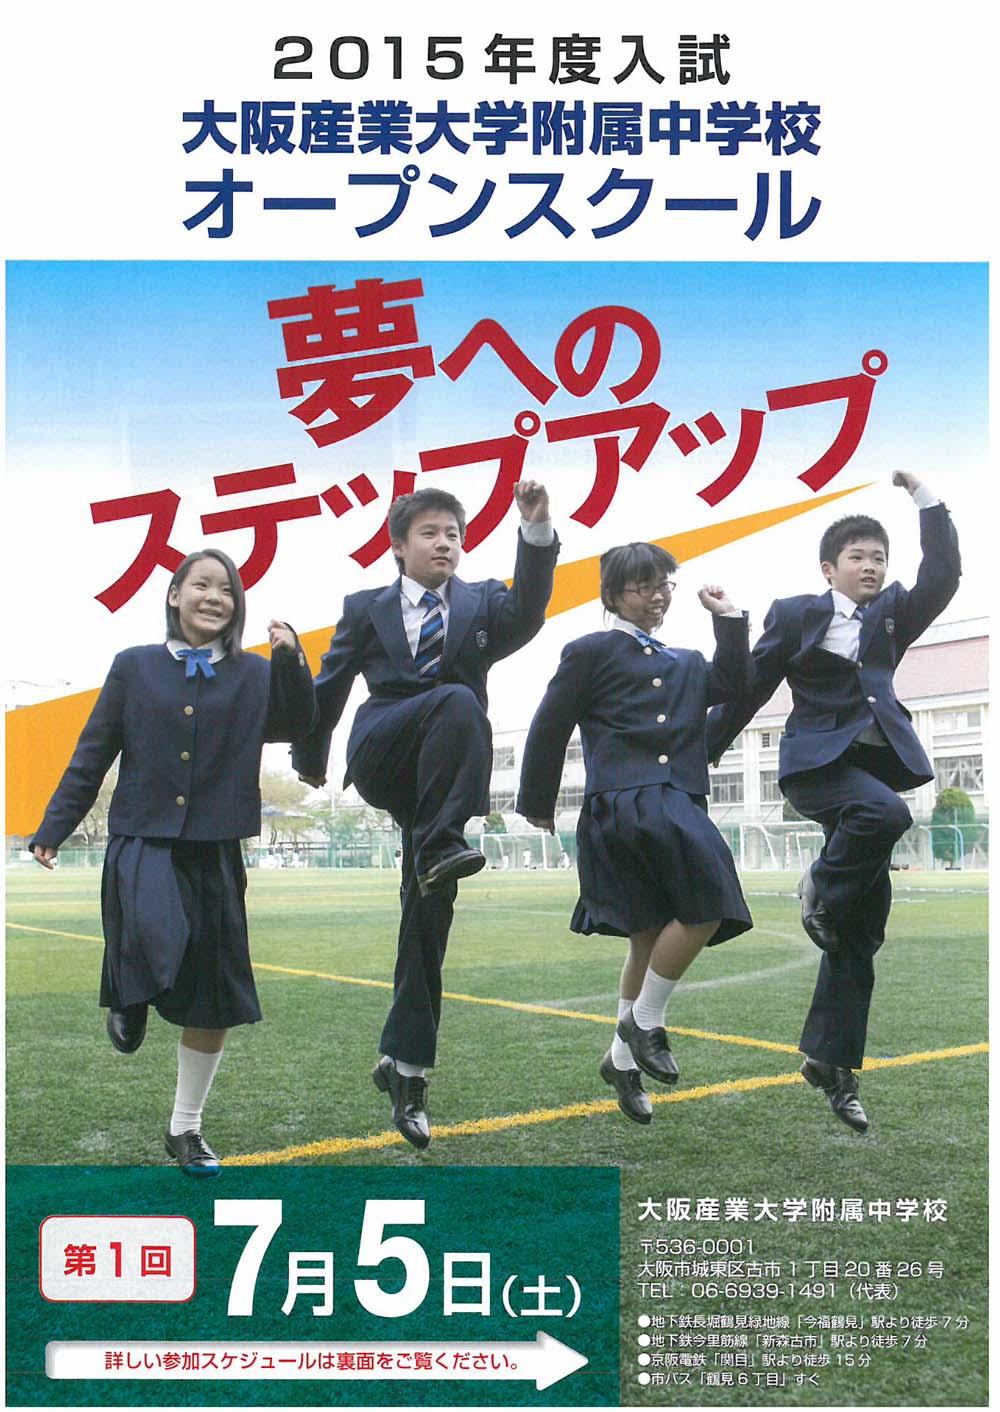 大学 大阪 高校 産業 付属